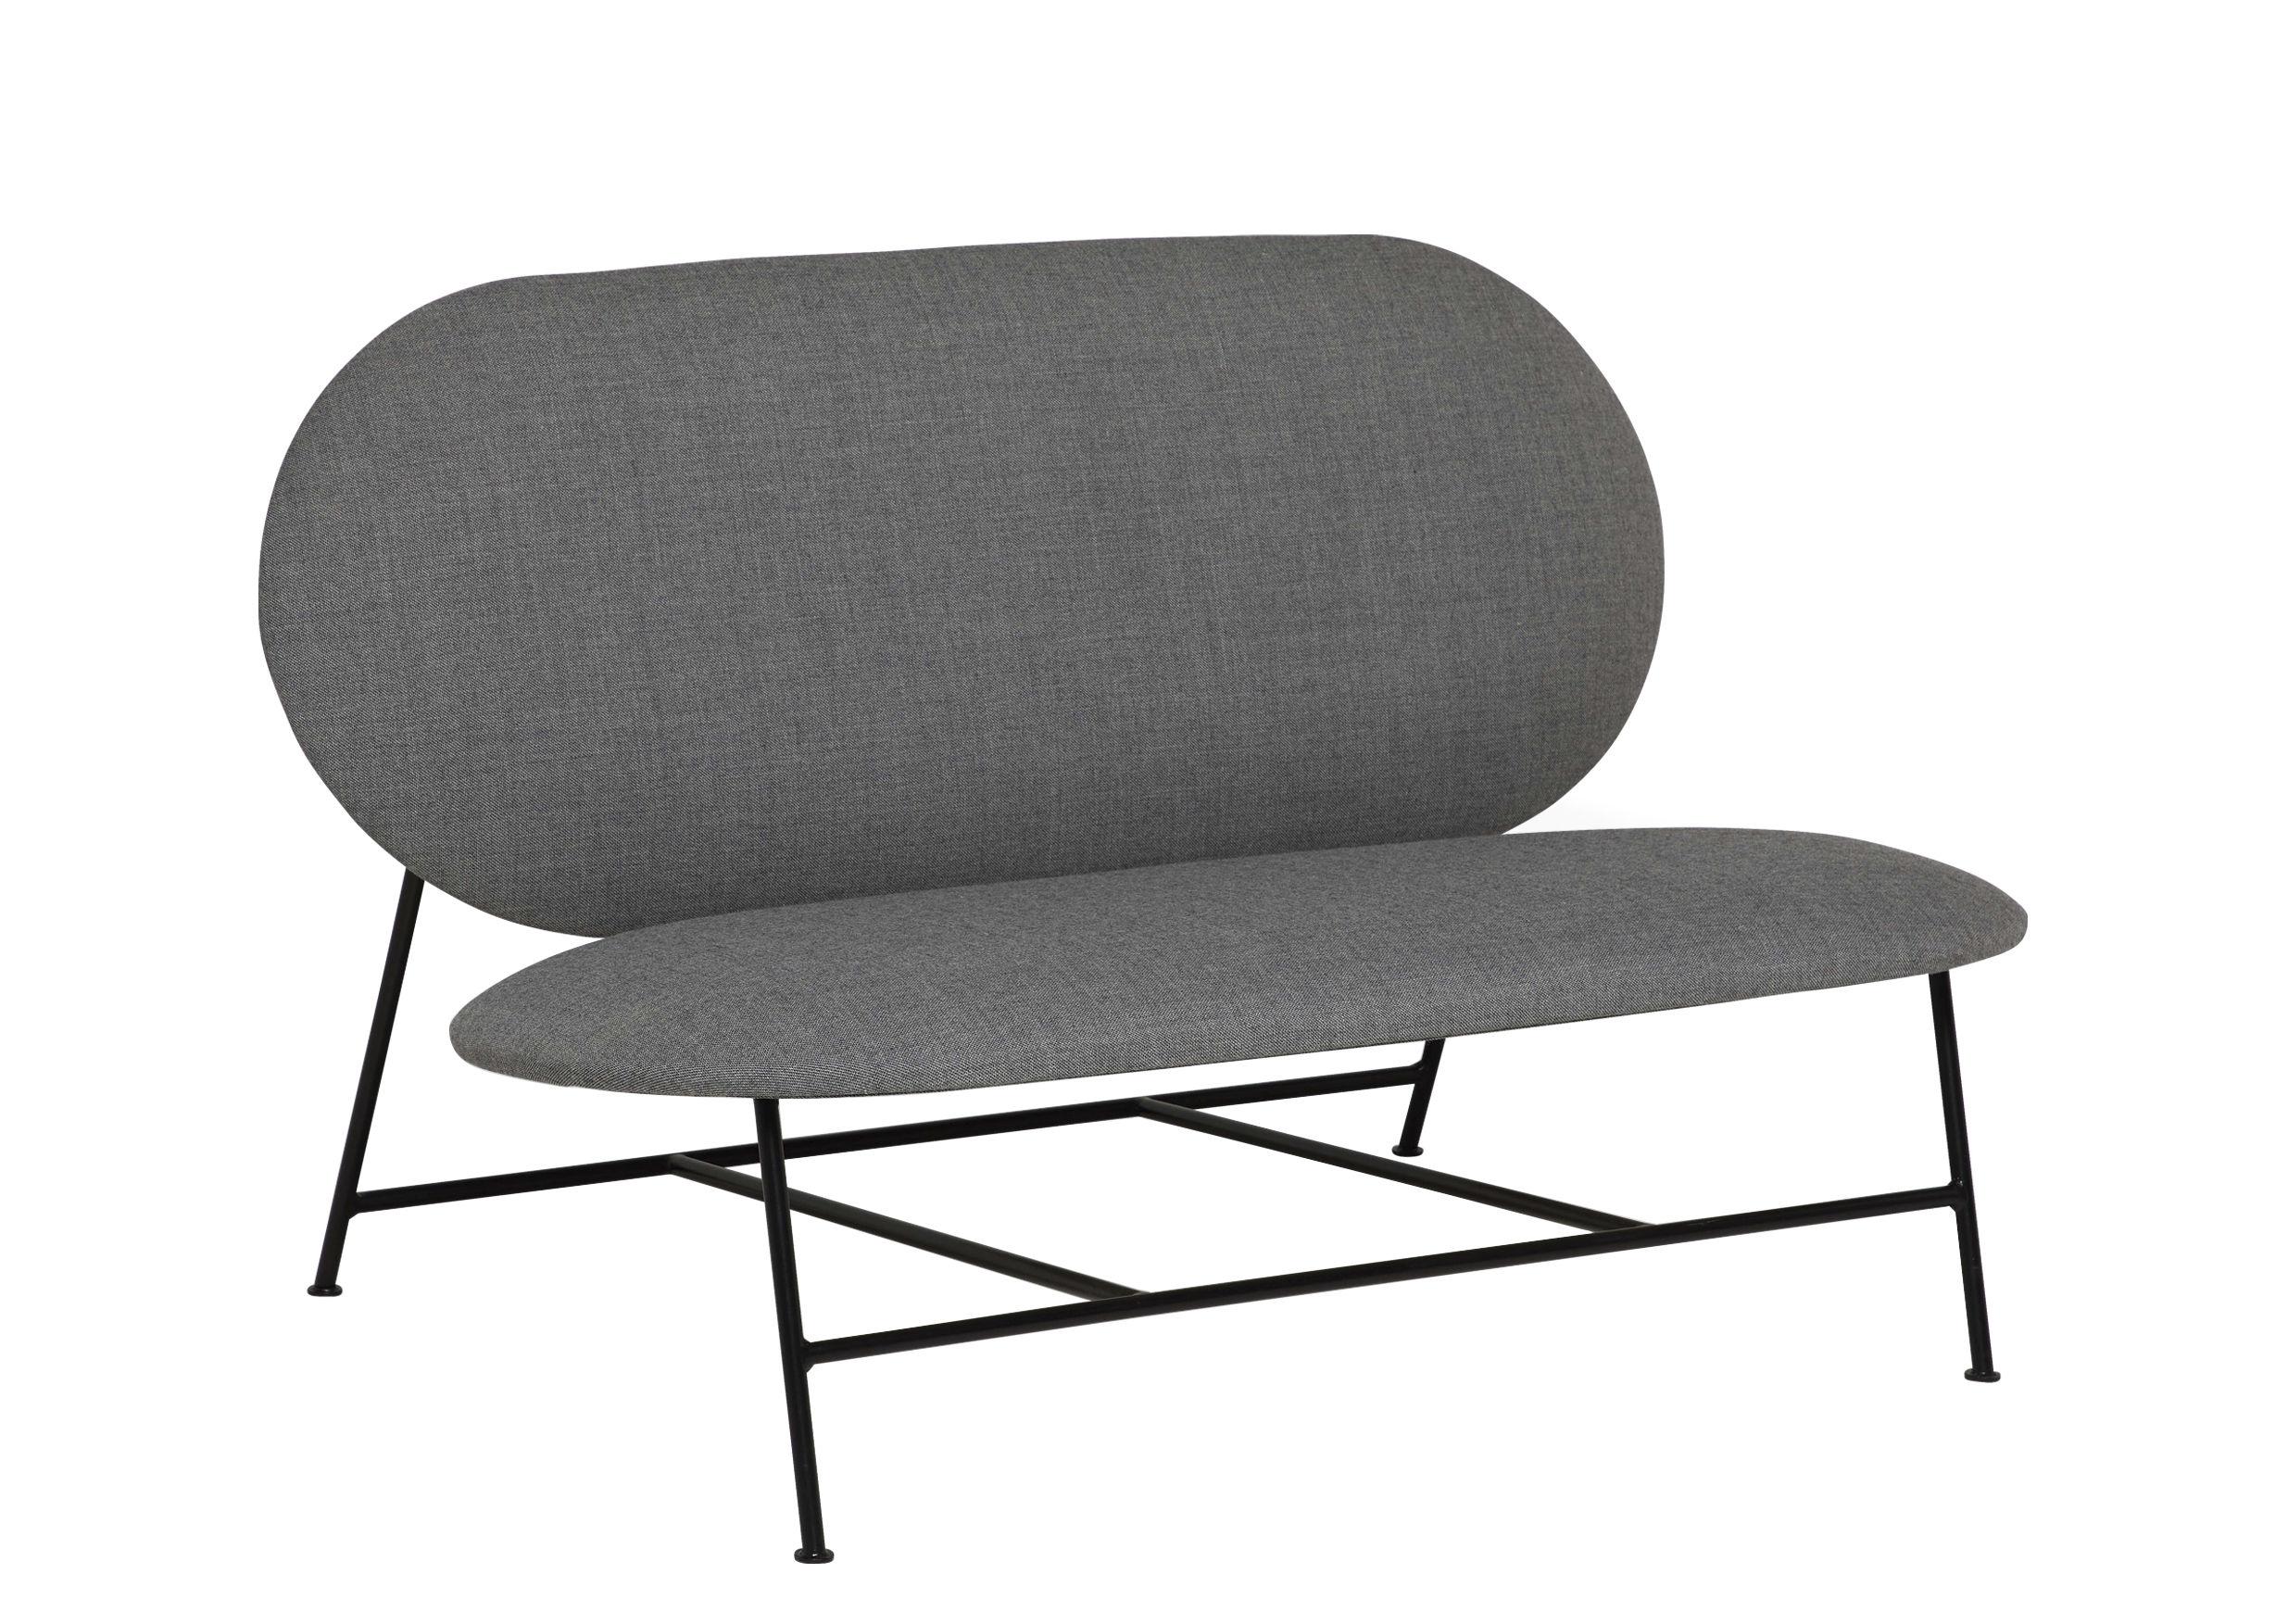 Divano destro Oblong Northern - Grigio - L 120 x h 73 | Made In Design